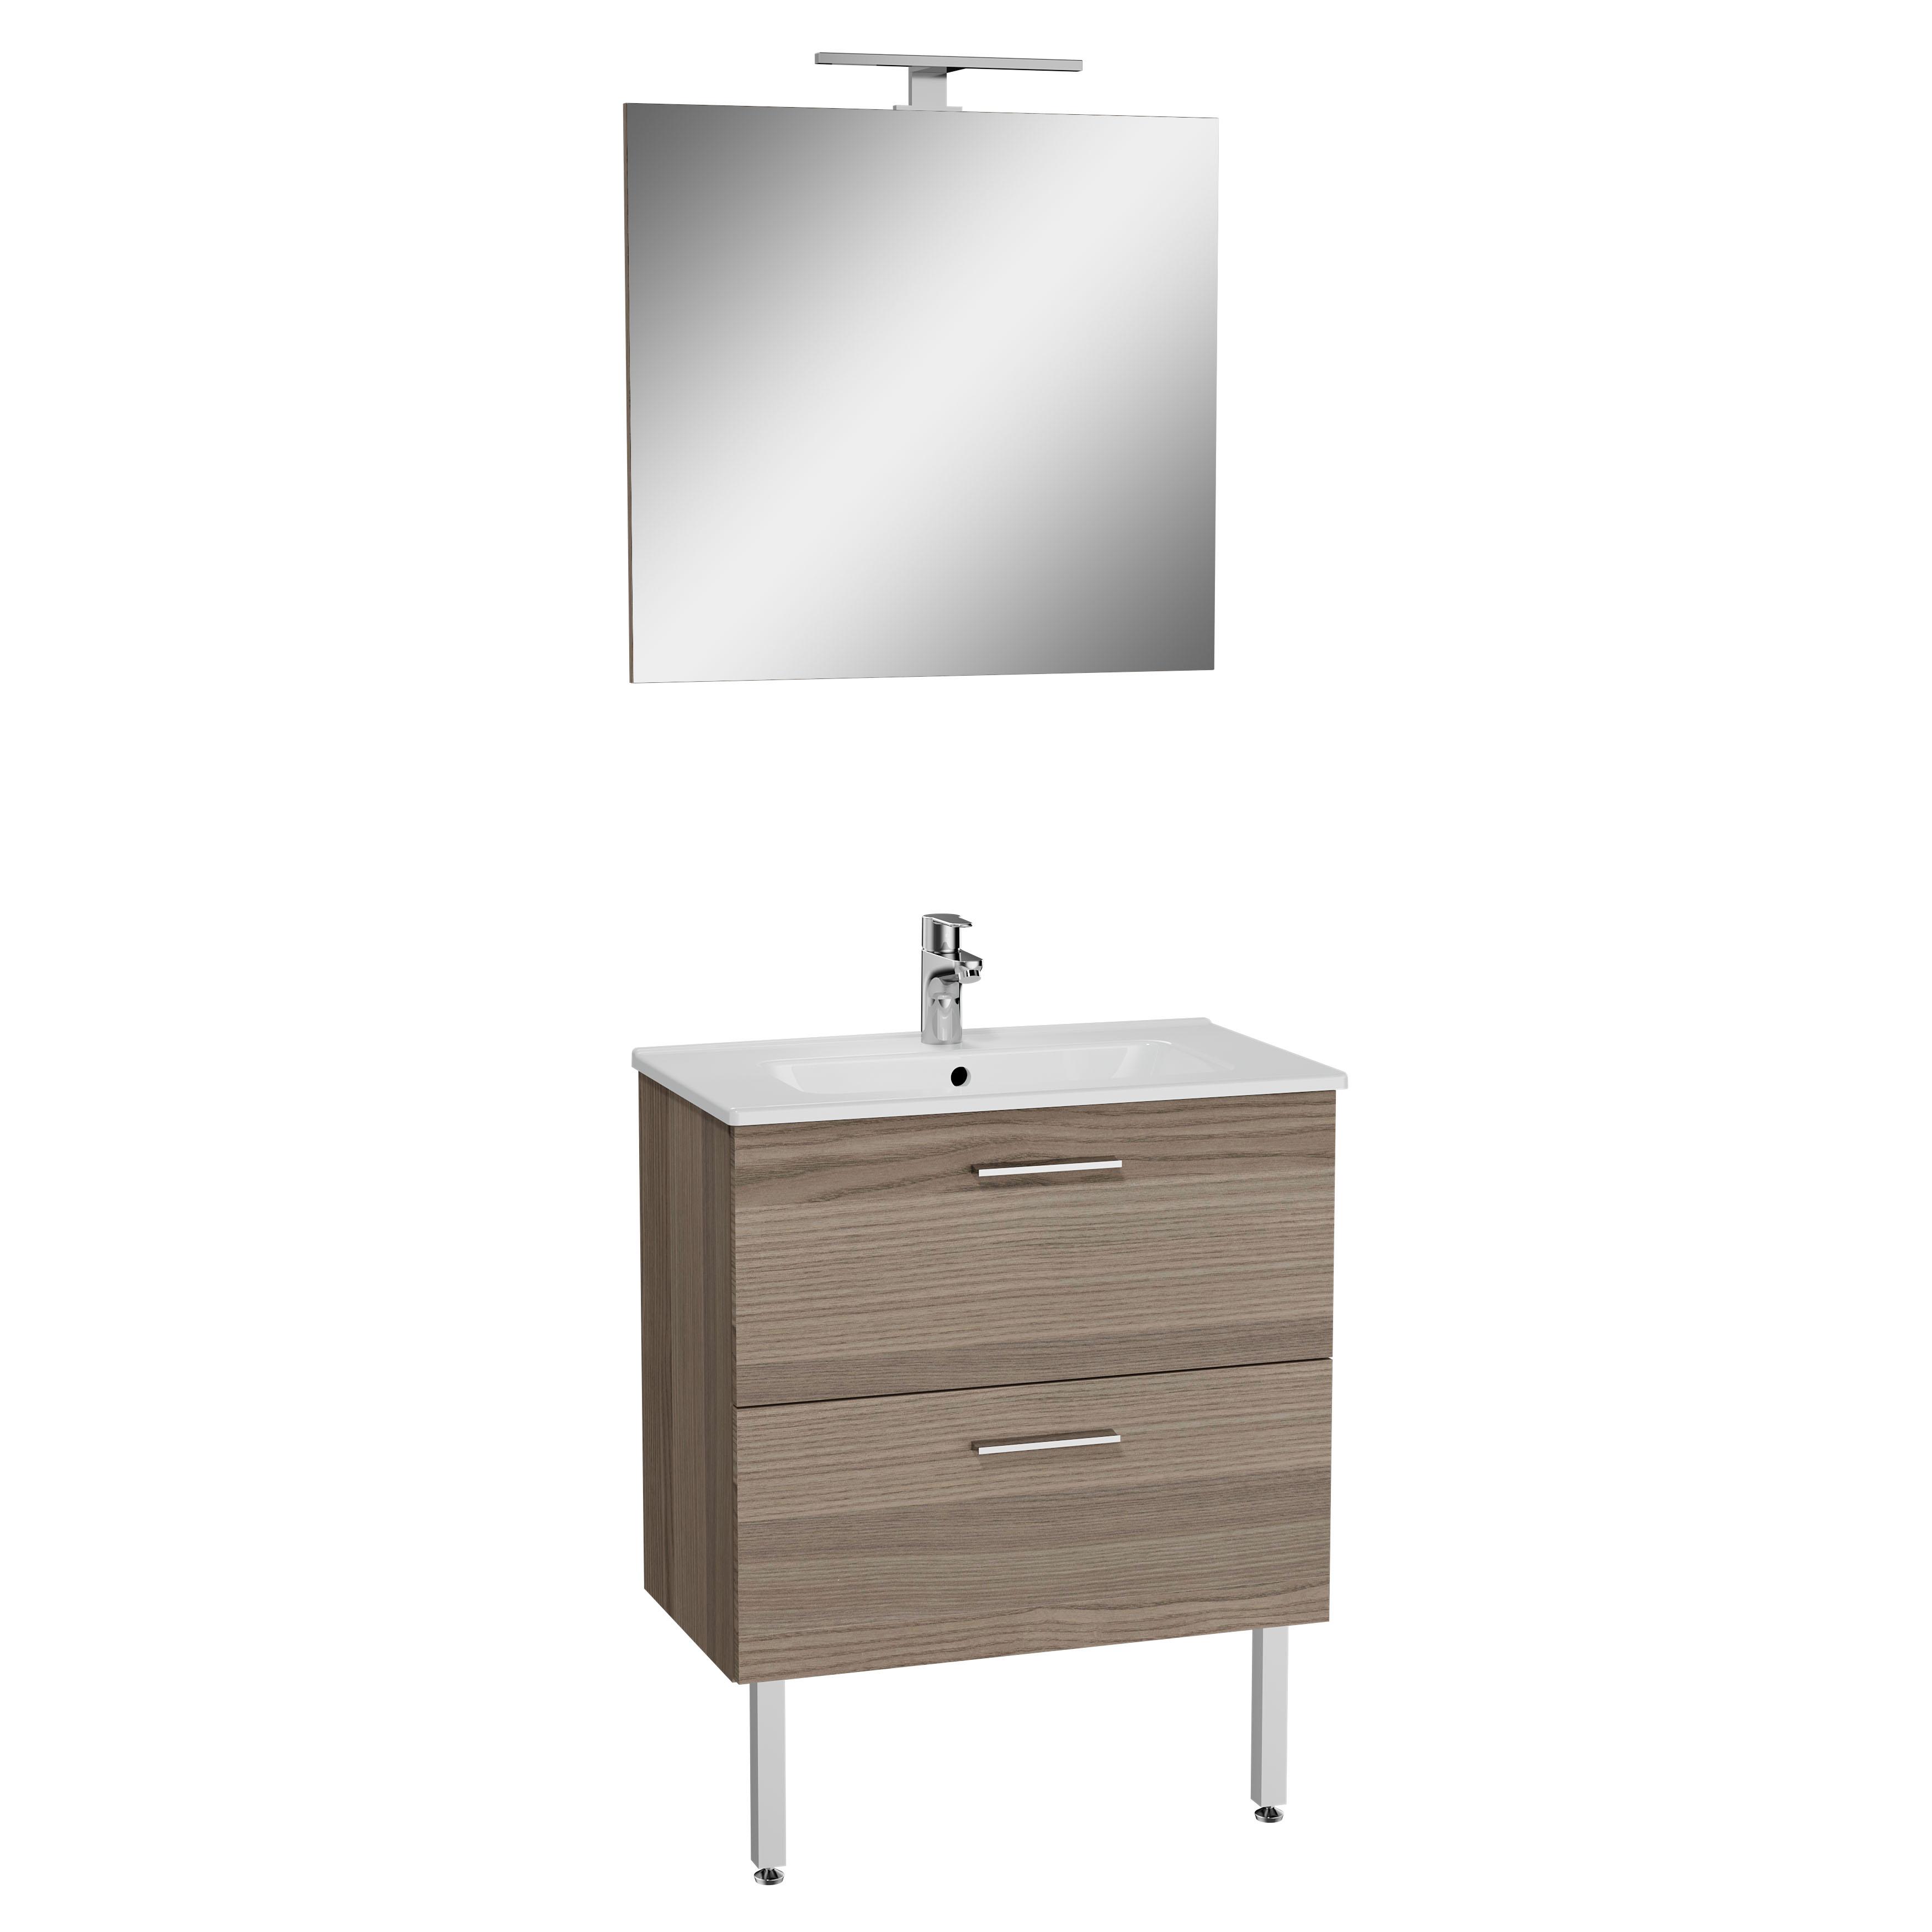 Mia set de meuble, avec 2 tiroirs, 70 cm, cordoba